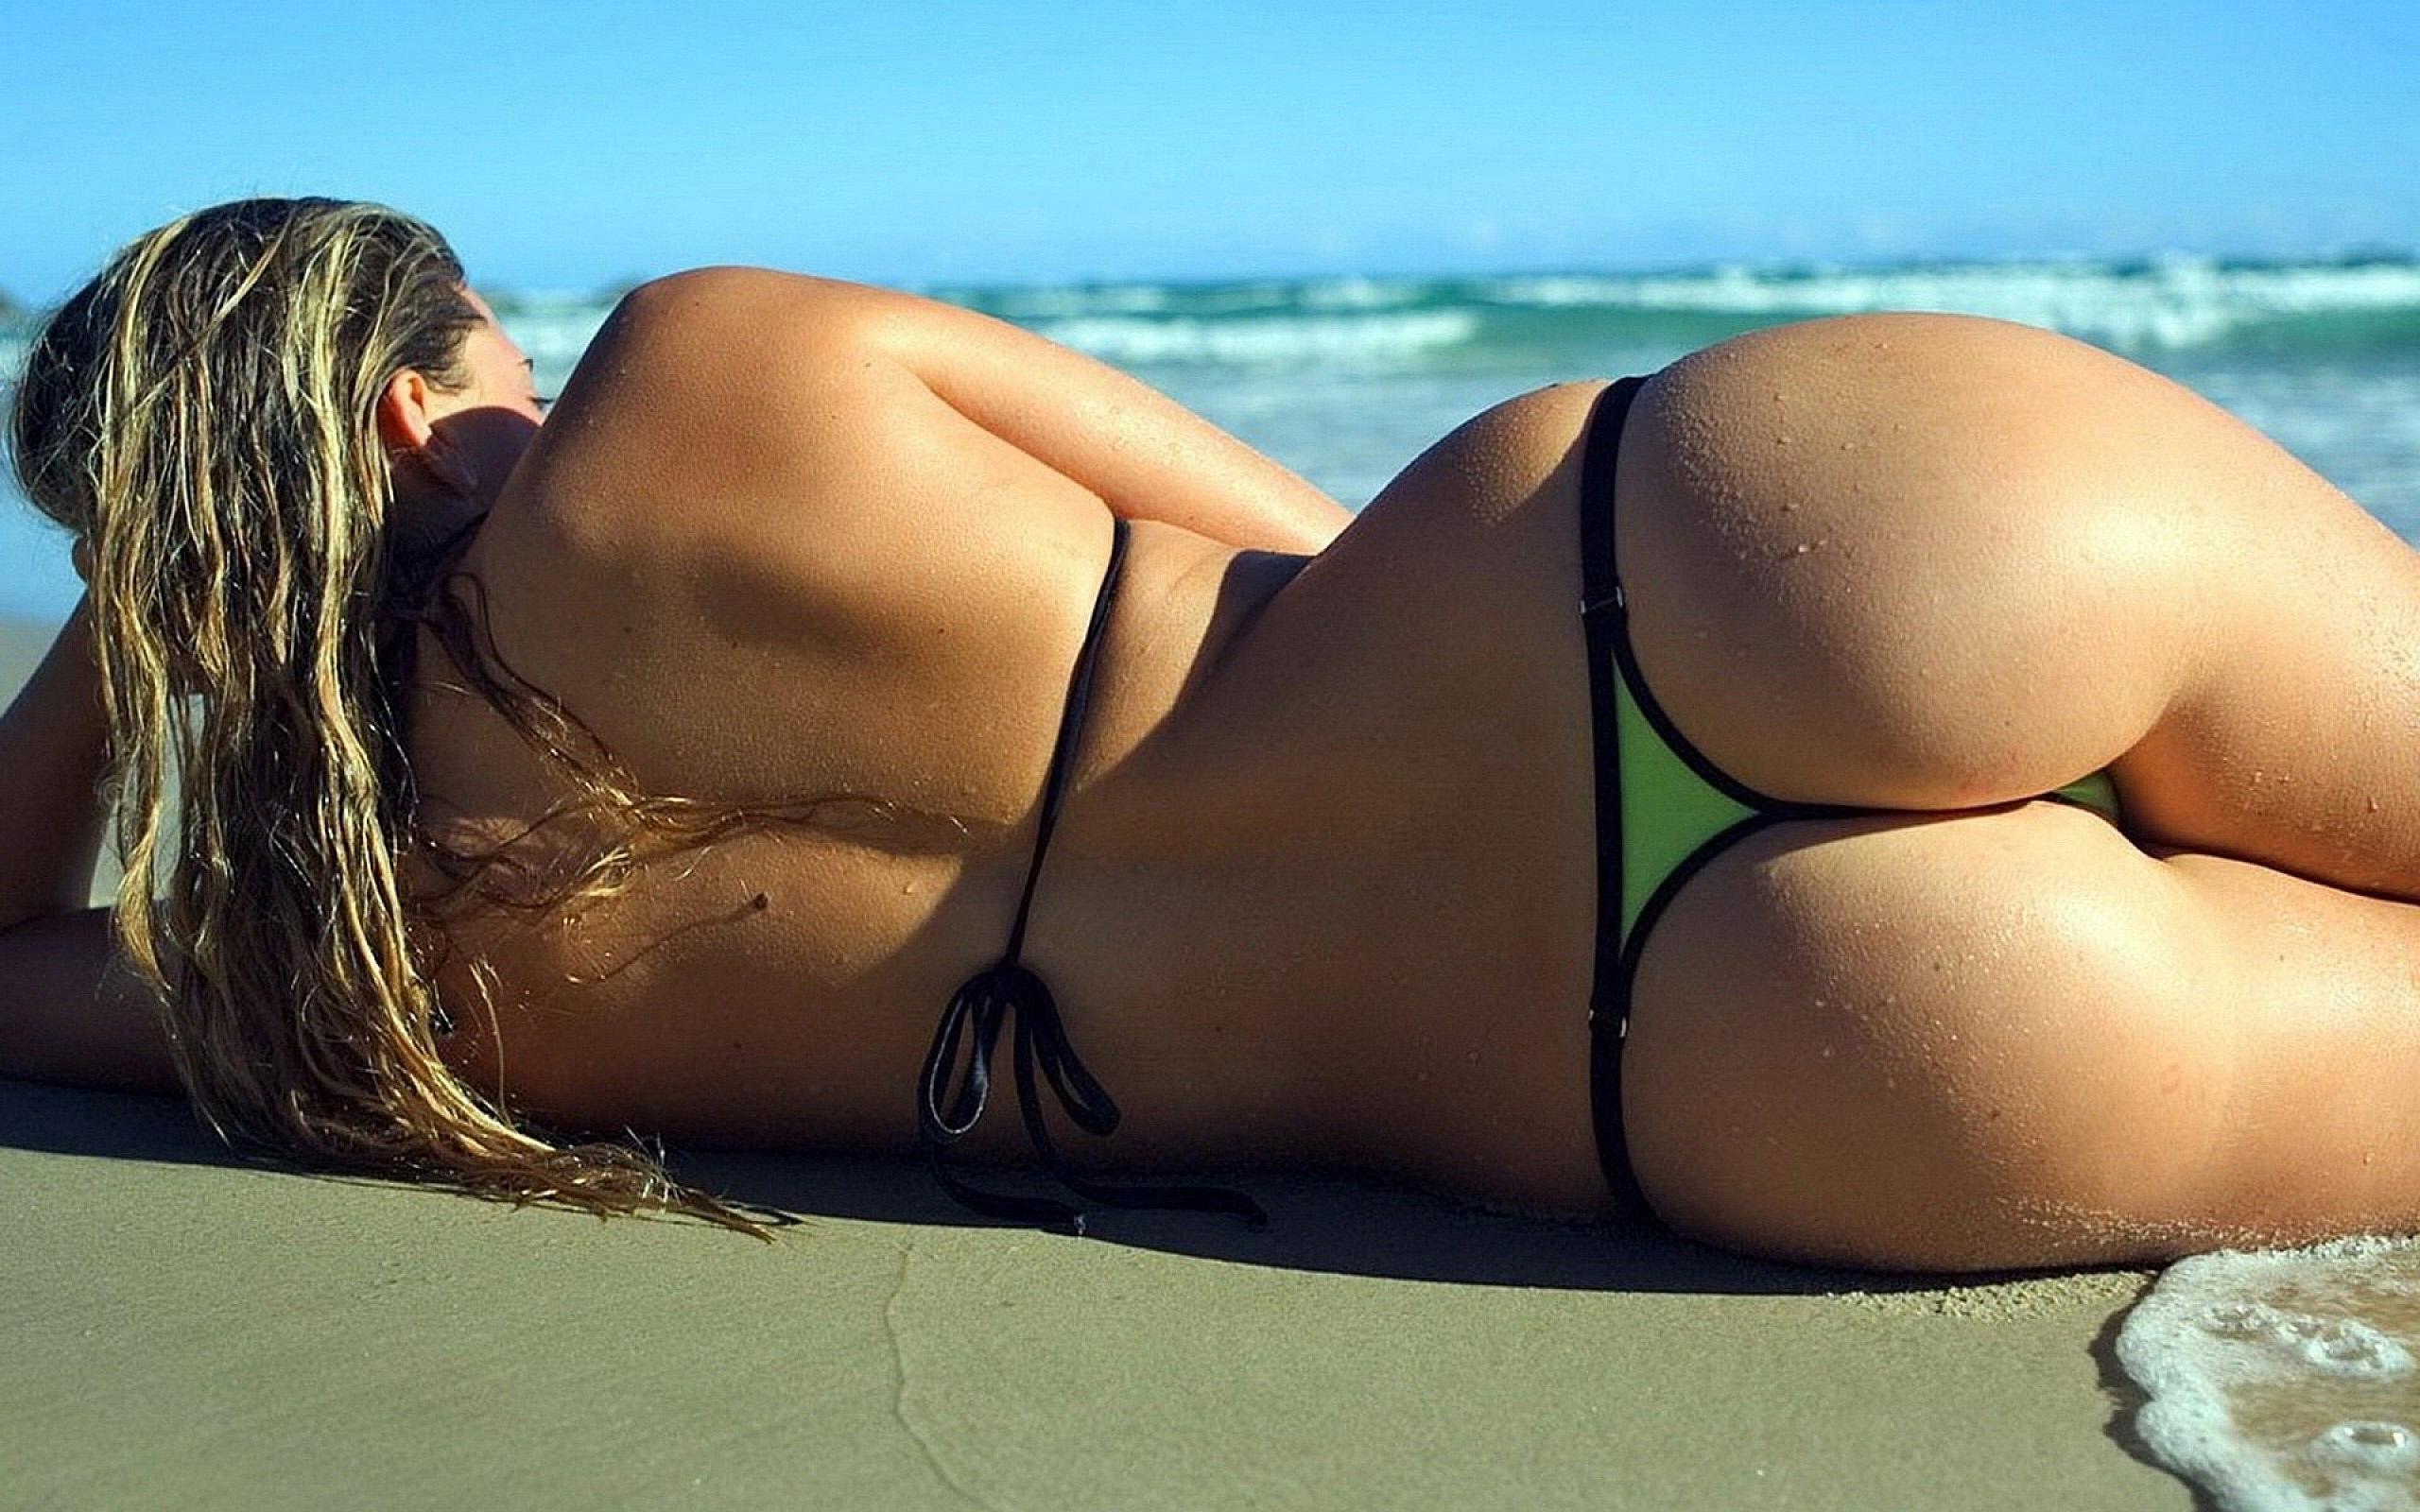 юбкой девушки в стрингах на море порно стороны